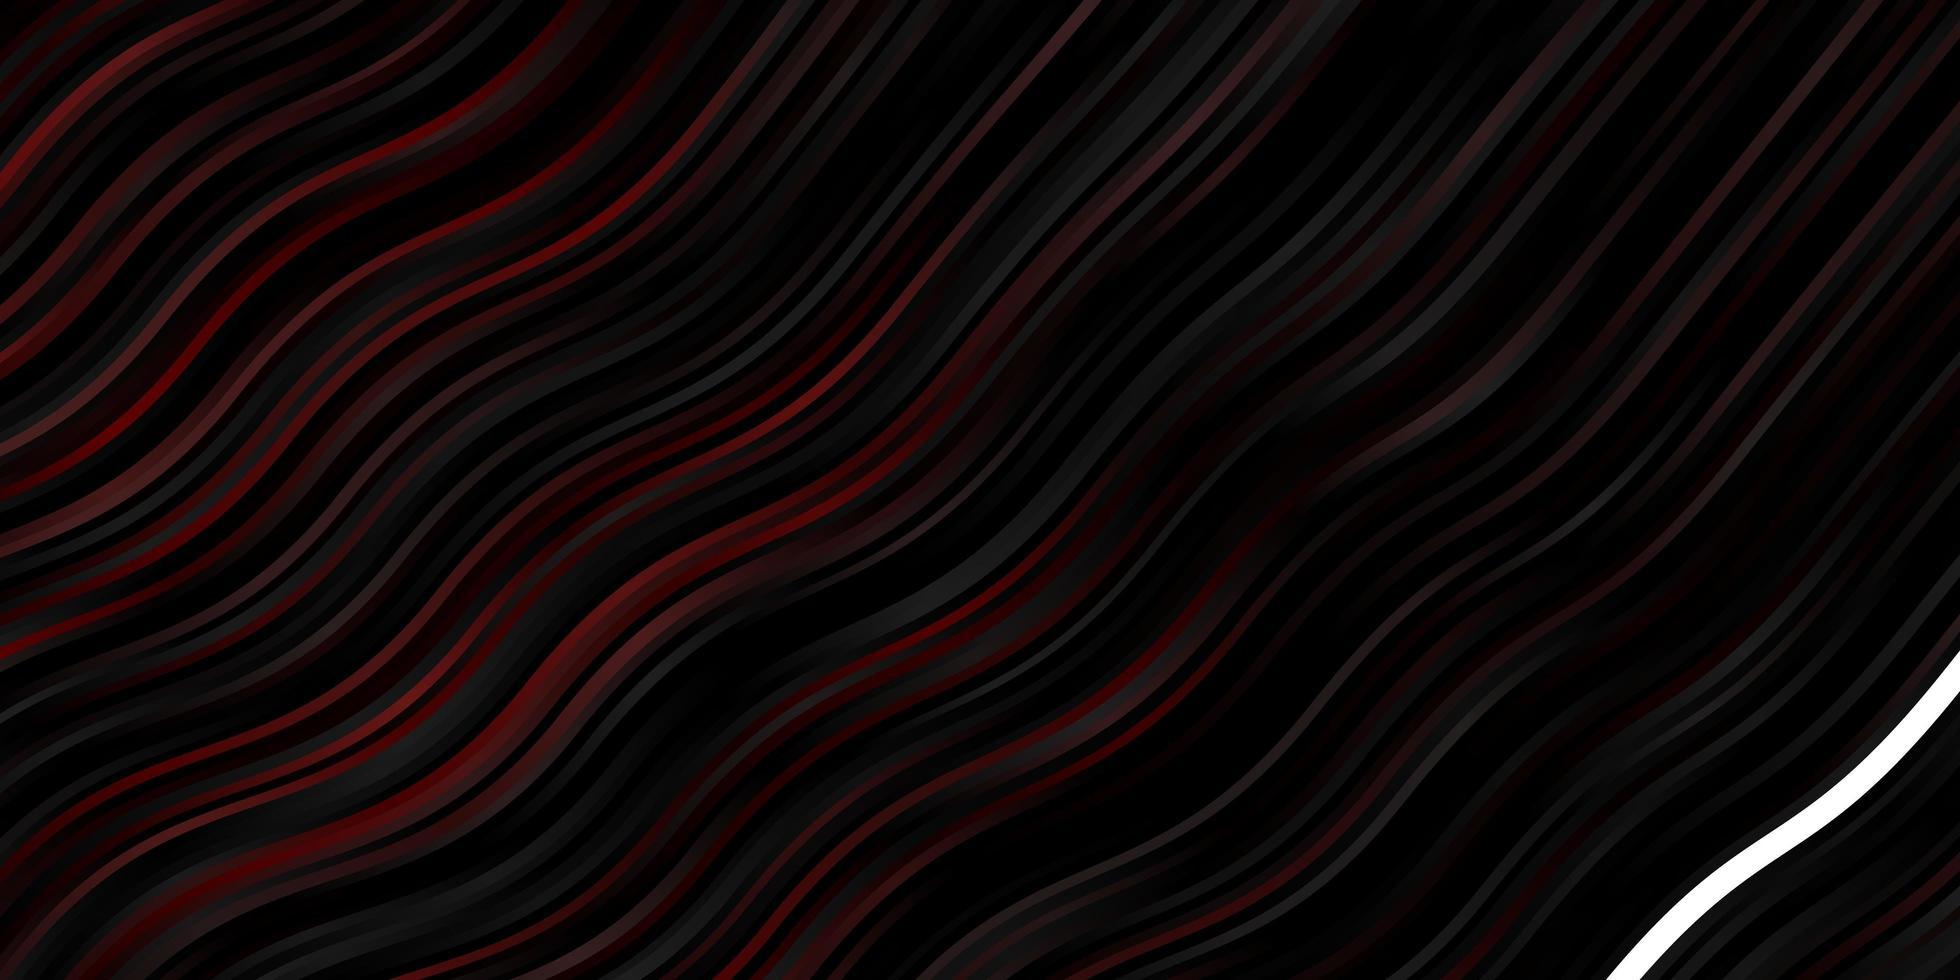 mörk röd vektor konsistens med kurvor